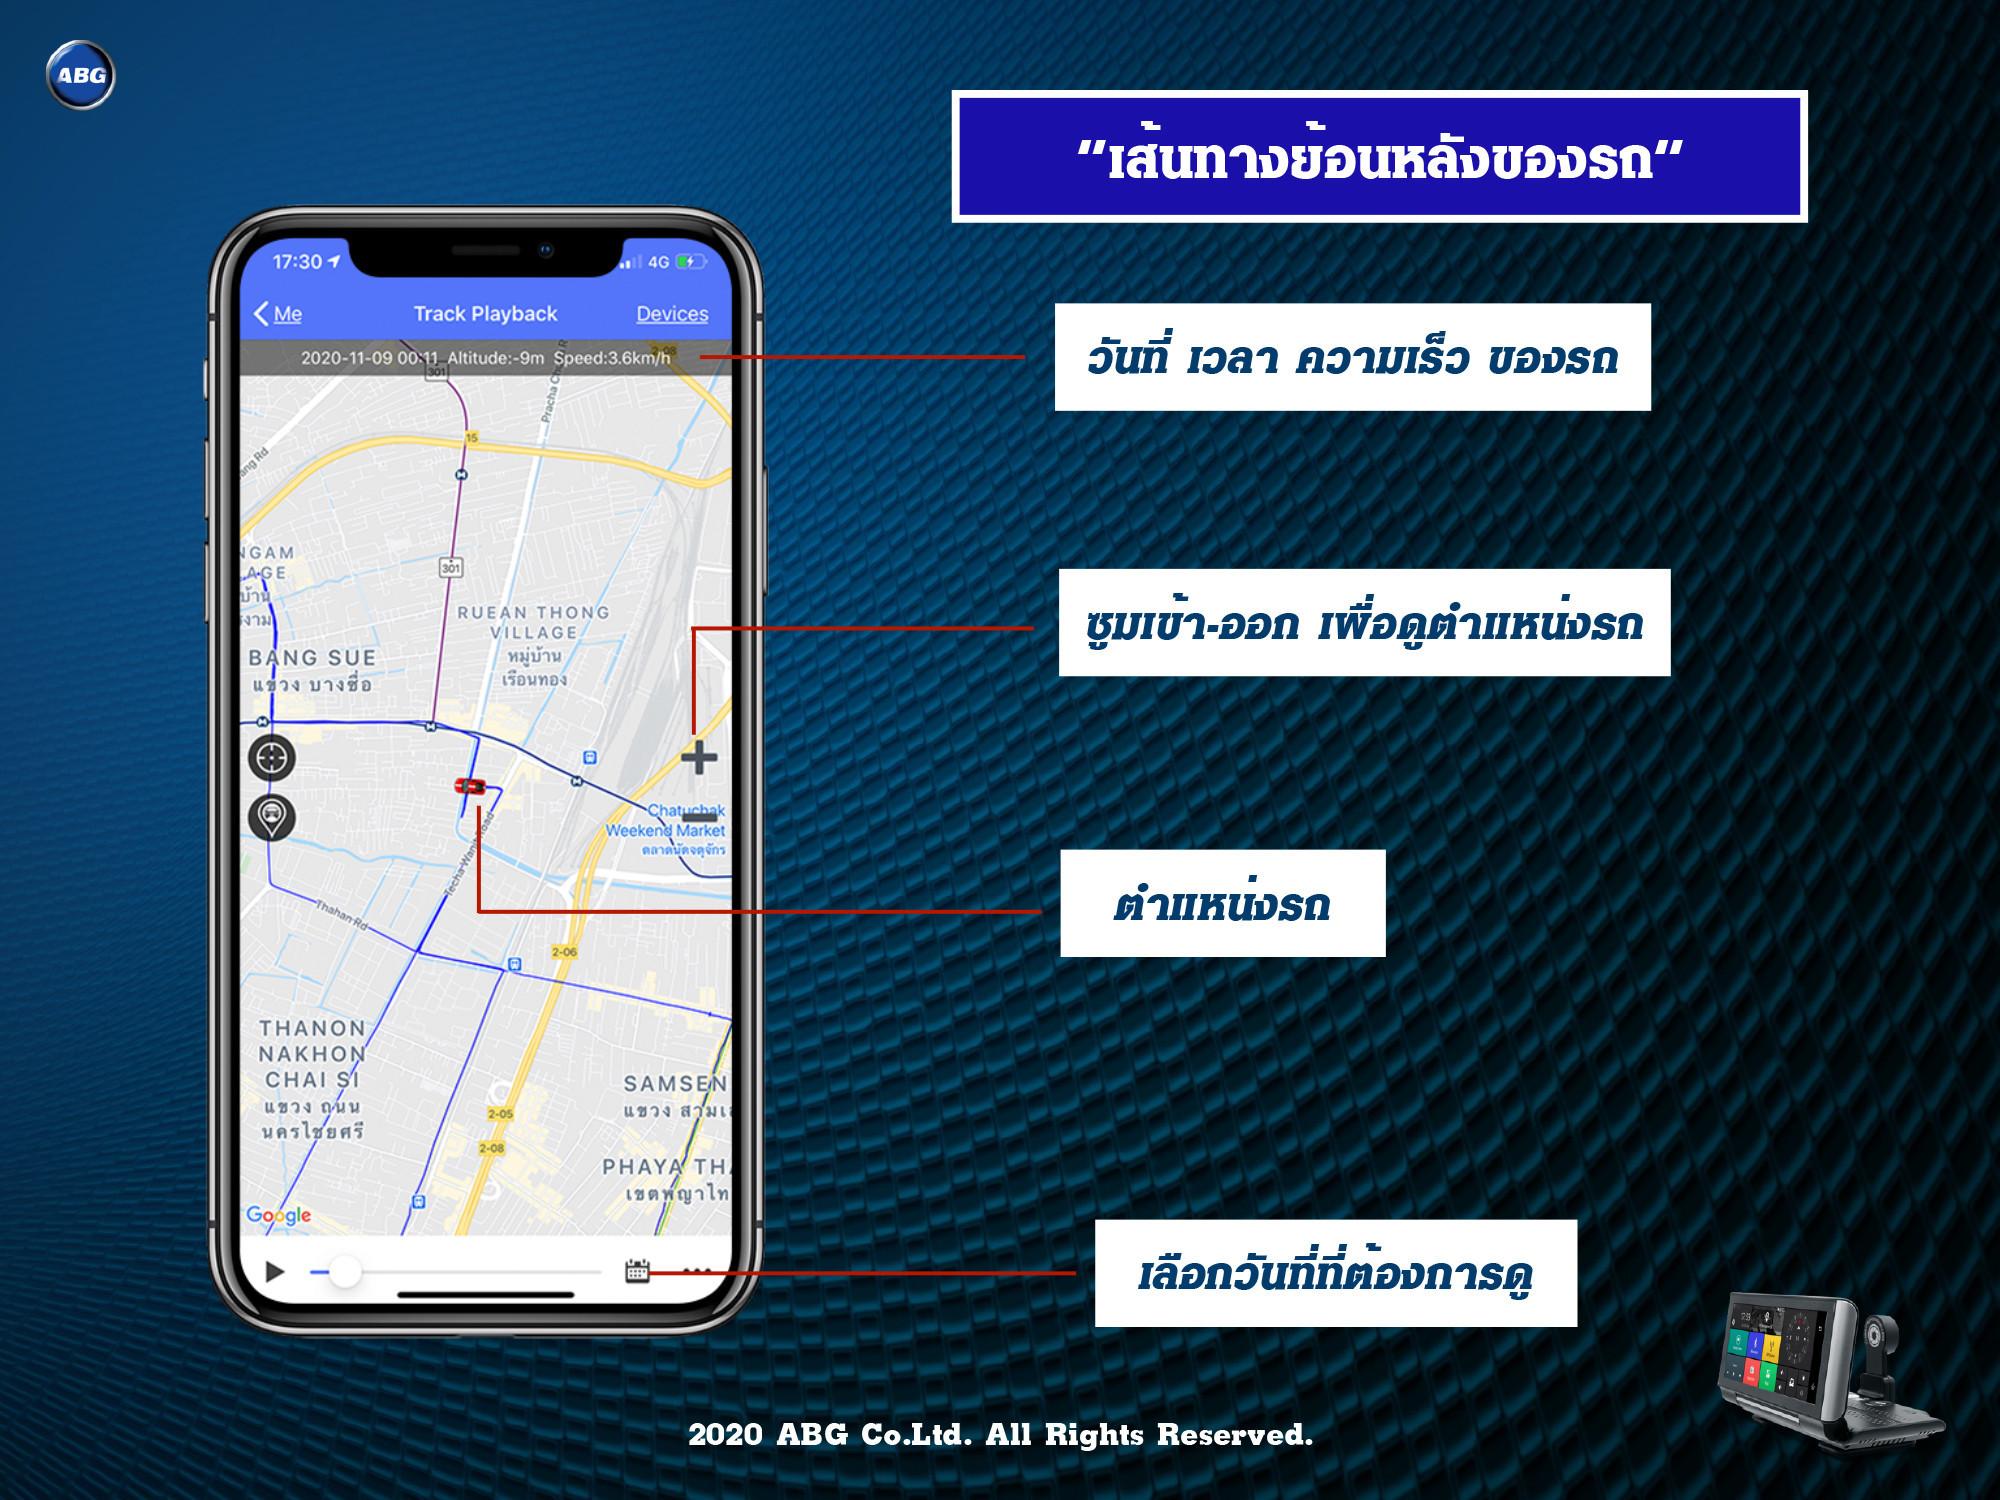 กล้องจอกระจกอัจฉริยะ กล้องบันทึกภาพ กล้อง360องศา กล้องติดรถเชื่อมต่อwifi กล้องติดรถดูผ่านมือถือ กล้องติดรถ4G กล้องติดรถมีGPS